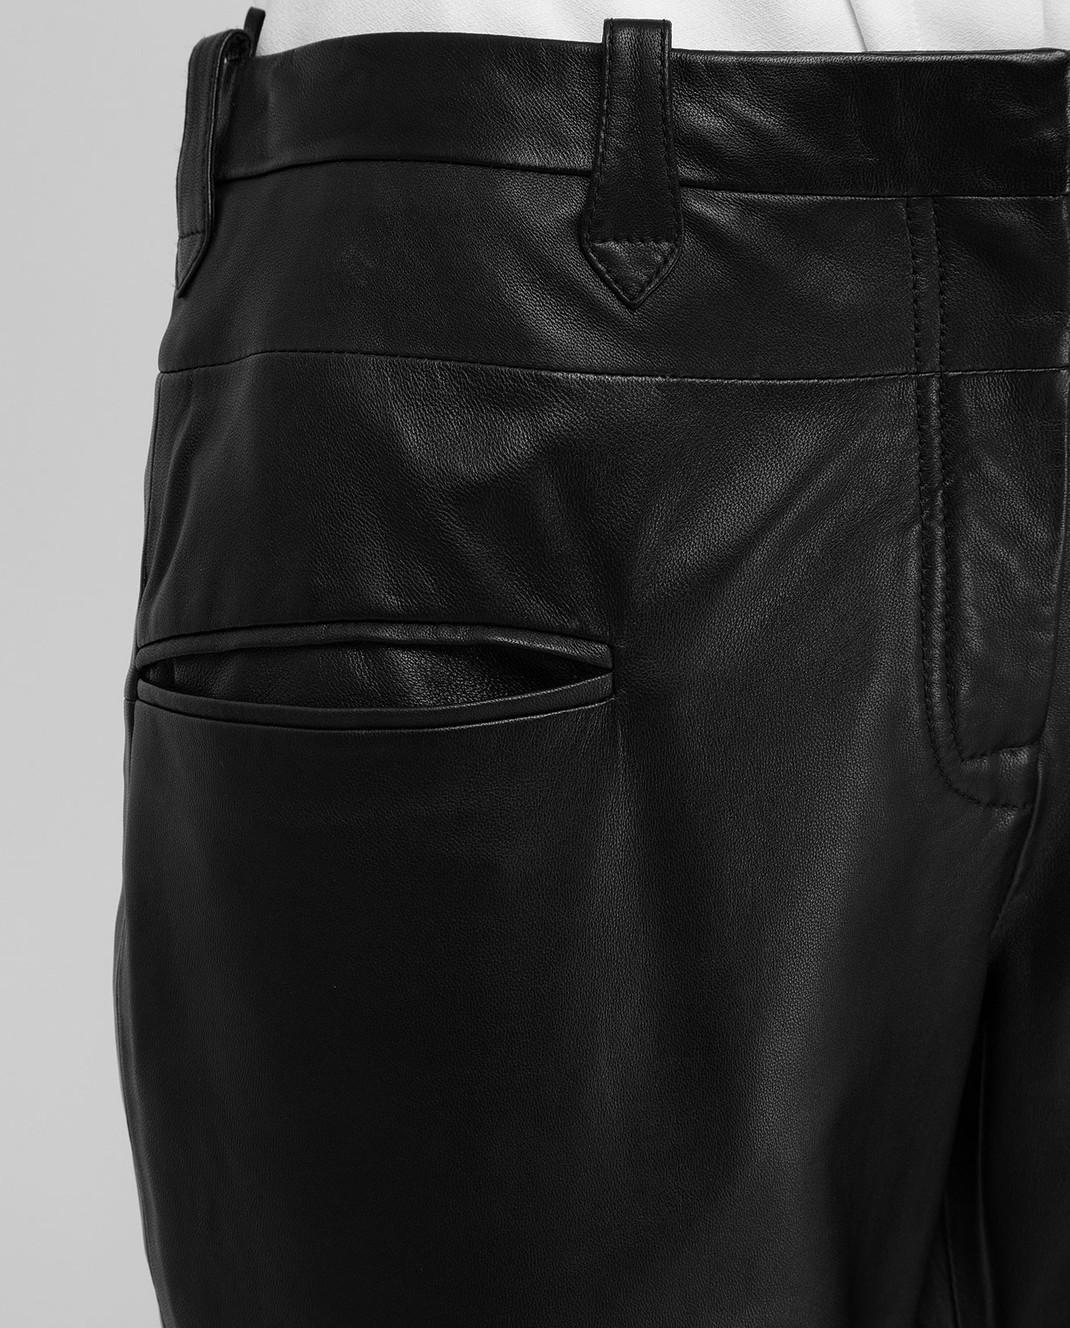 Altuzarra Черные кожаные брюки 318612796 изображение 5